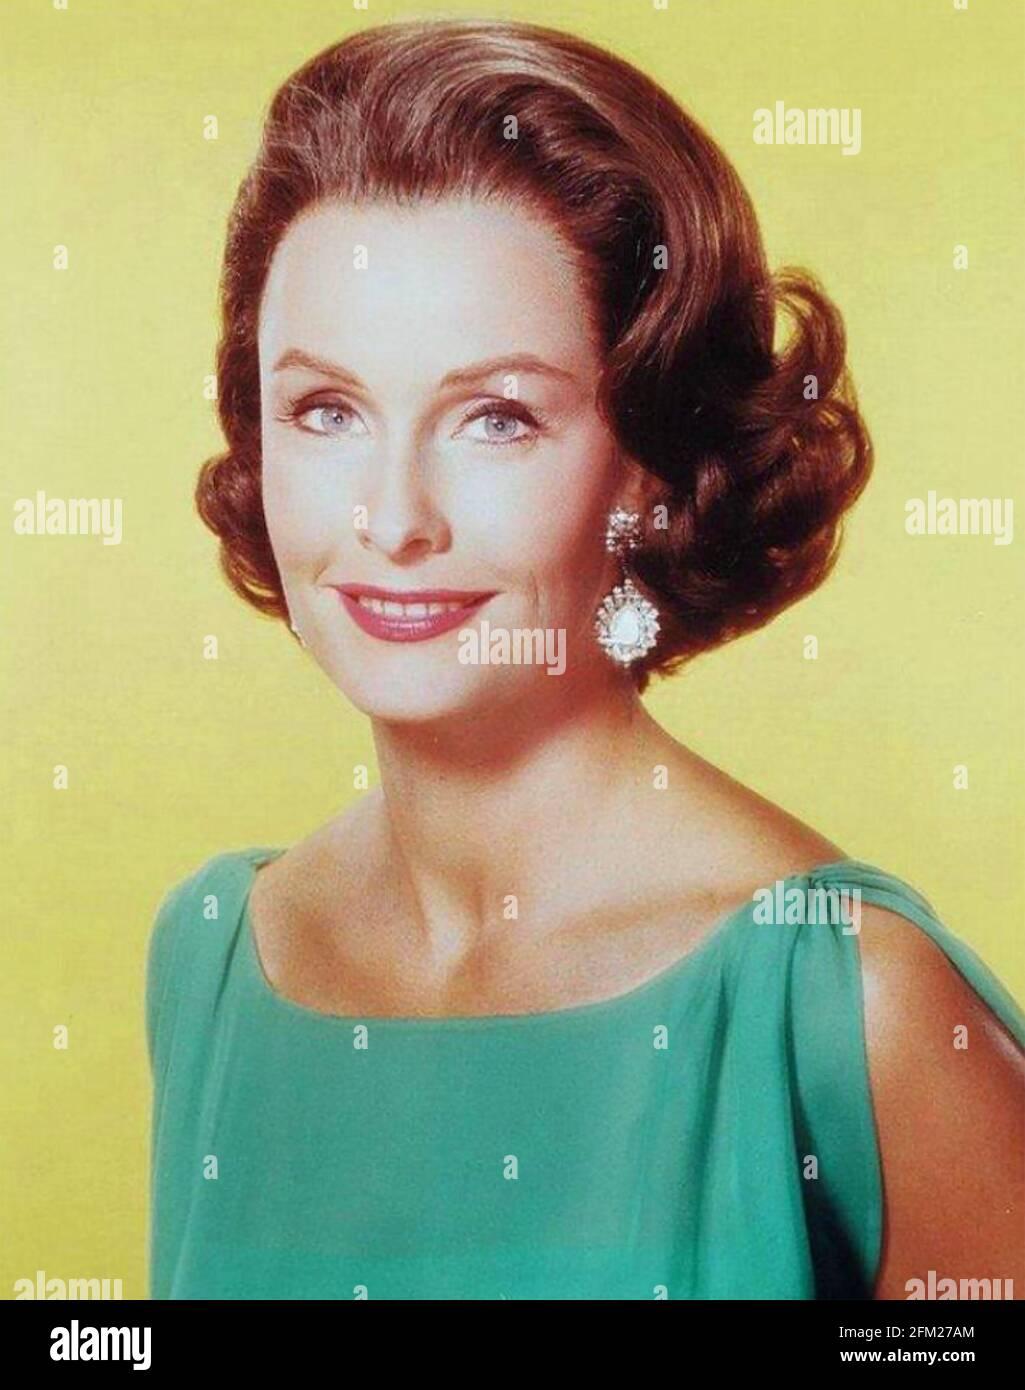 DINA MERRILL (1923-2017) amerikanische Filmschauspielerin und Geschäftsfrau um 1970 Stockfoto